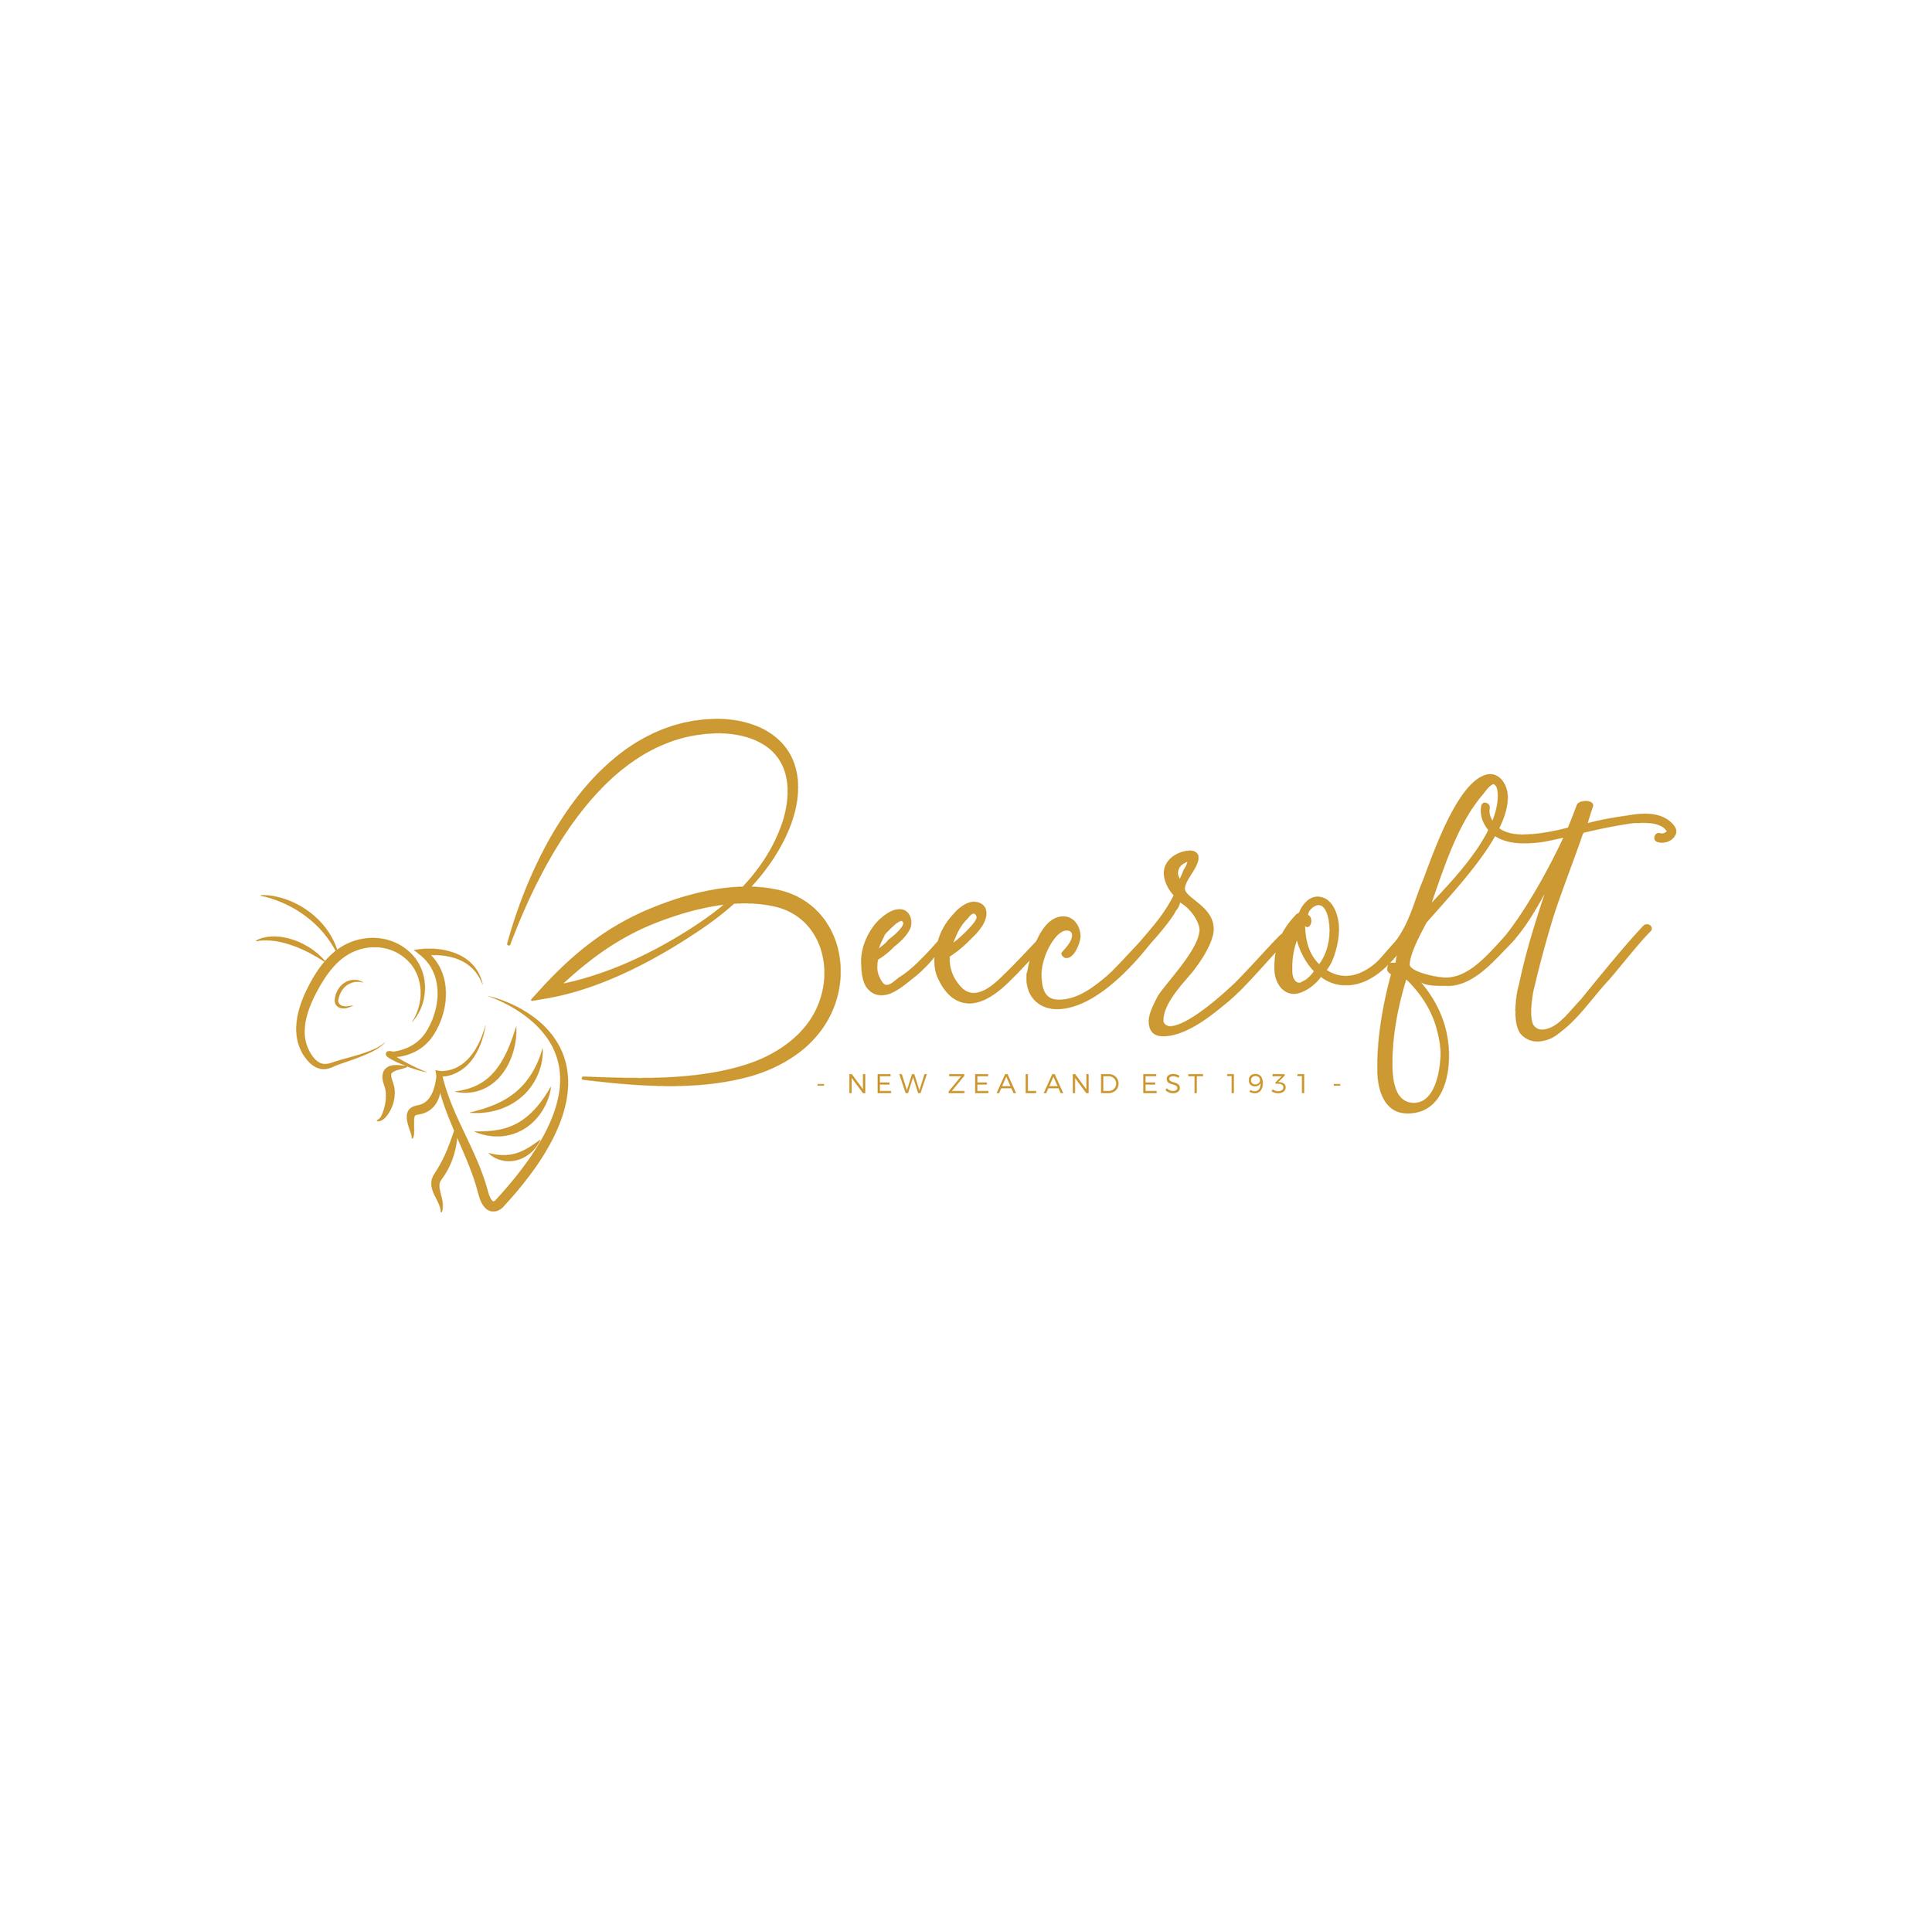 Beecroft Final Logo-01.png